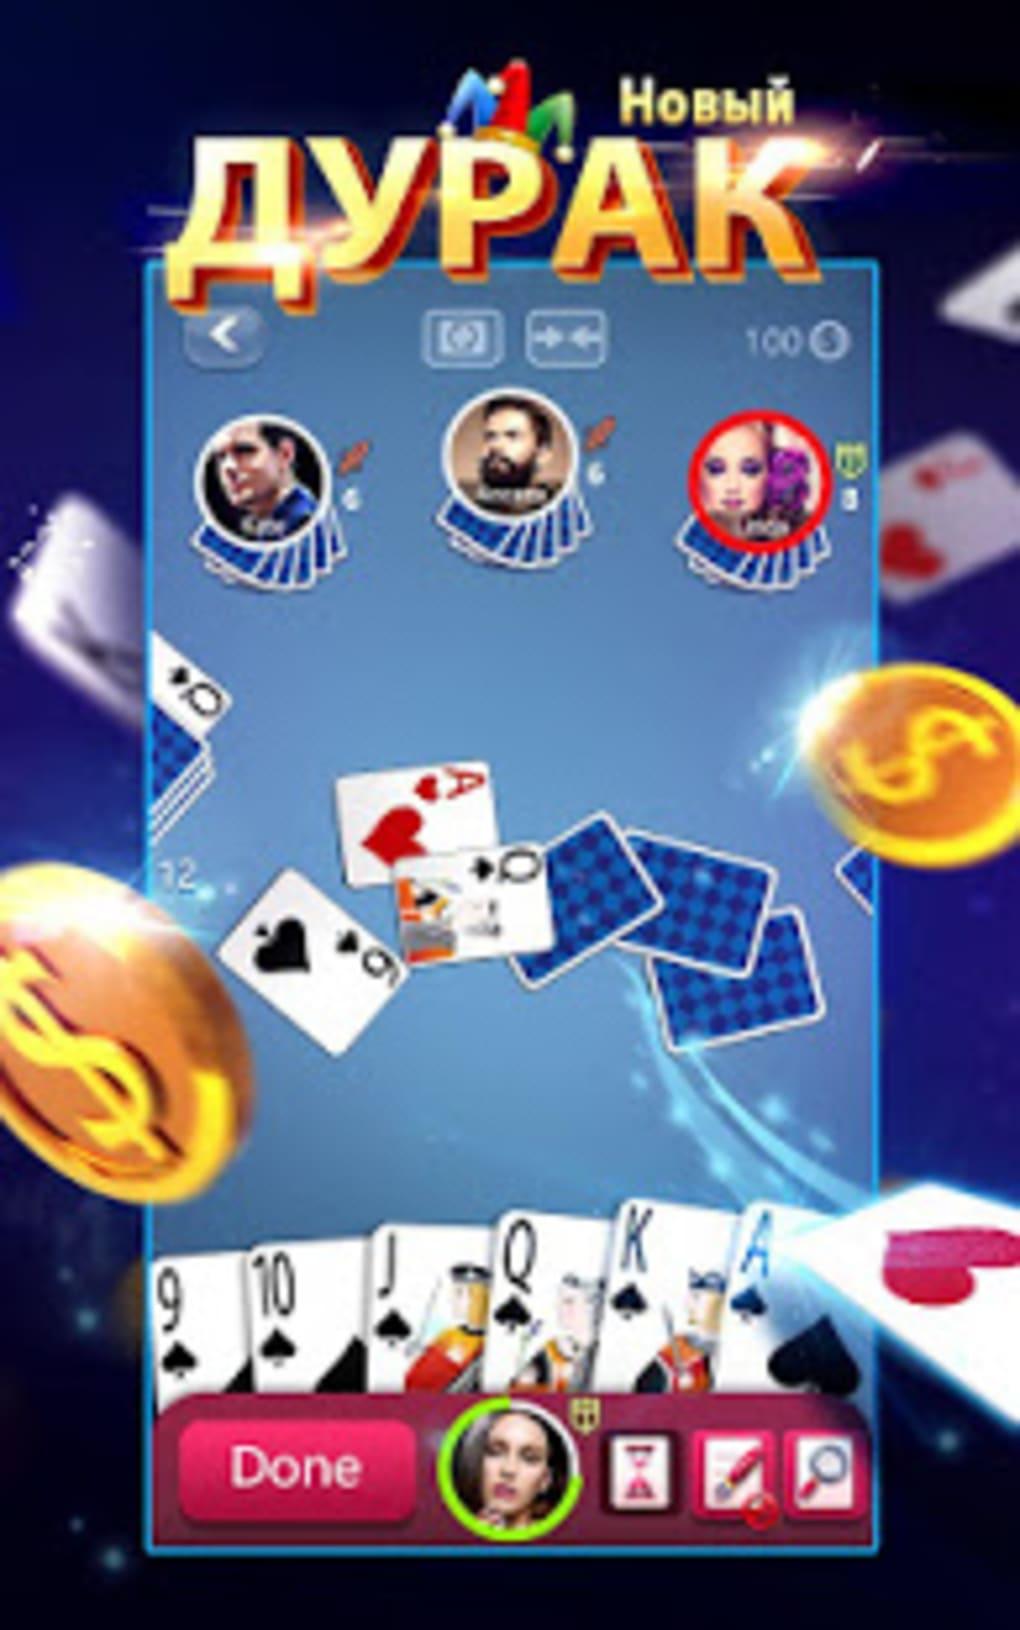 Карты дурак на раздевание онлайн играть сейчас бесплатно без регистрации майнкрафт играть создать свою карту в